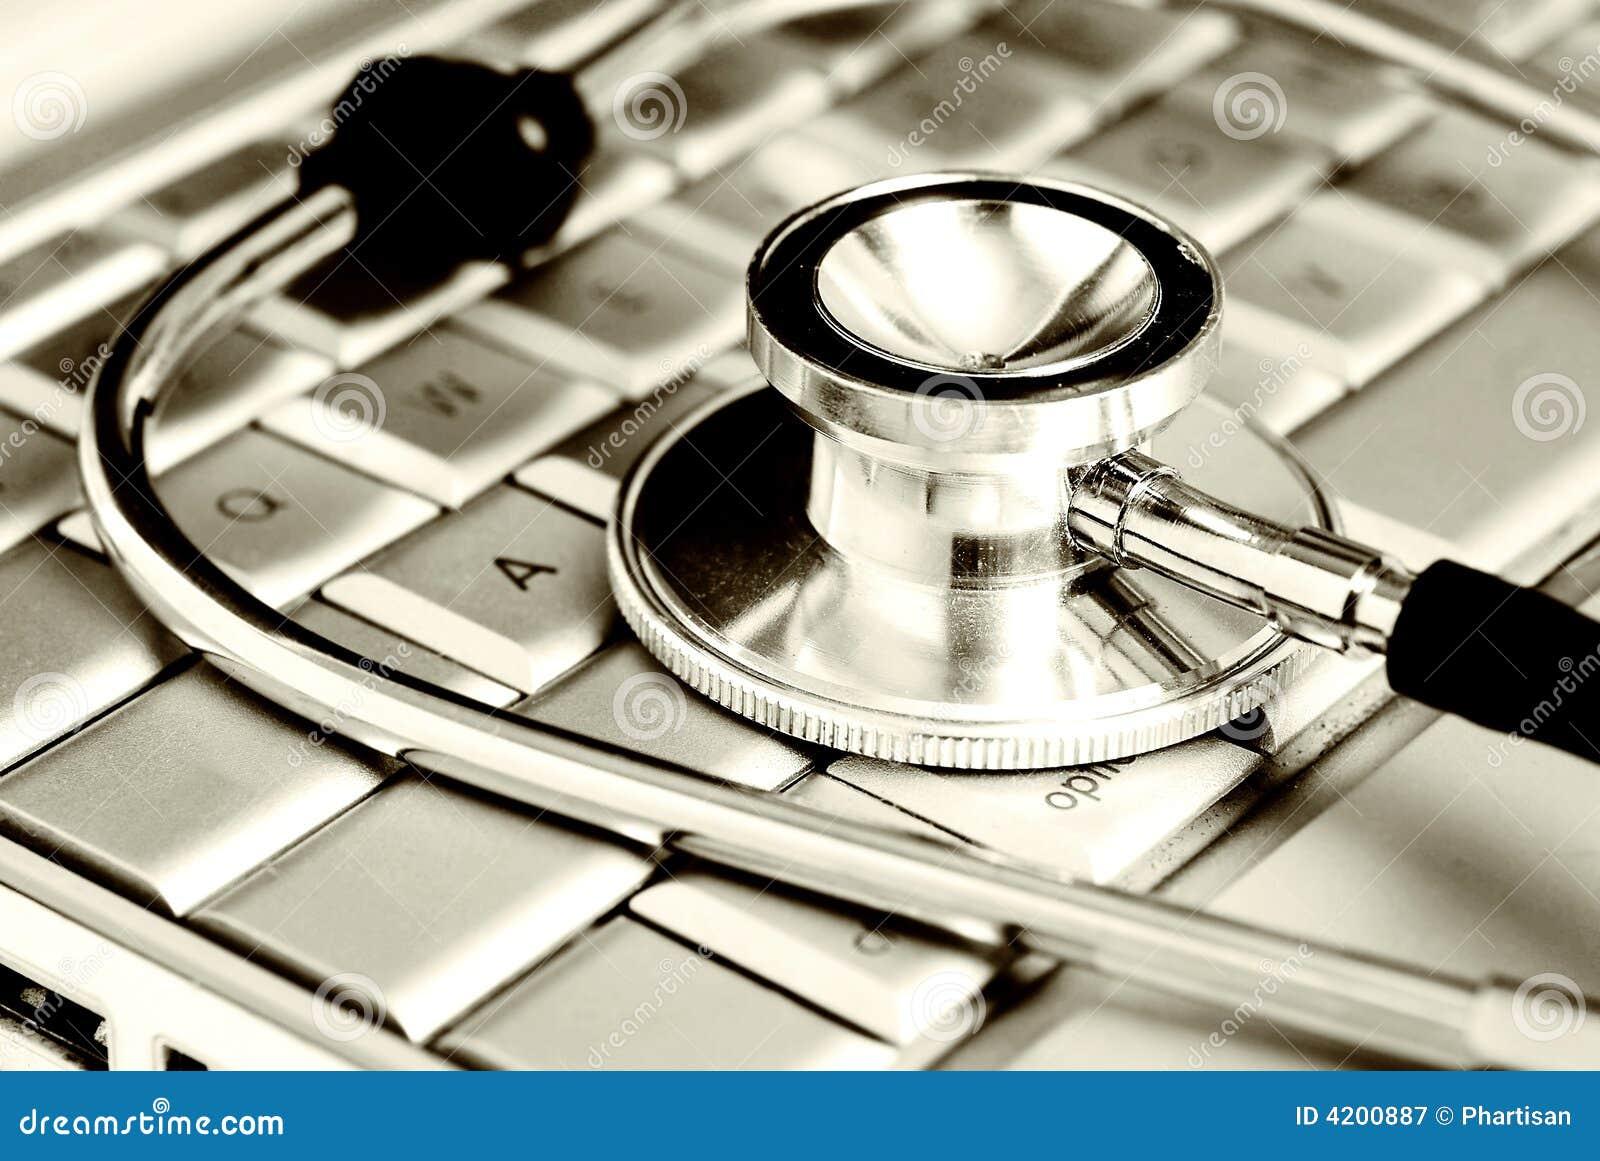 Royalty free: tecnologia e medicina - estetoscópio de prata sobre